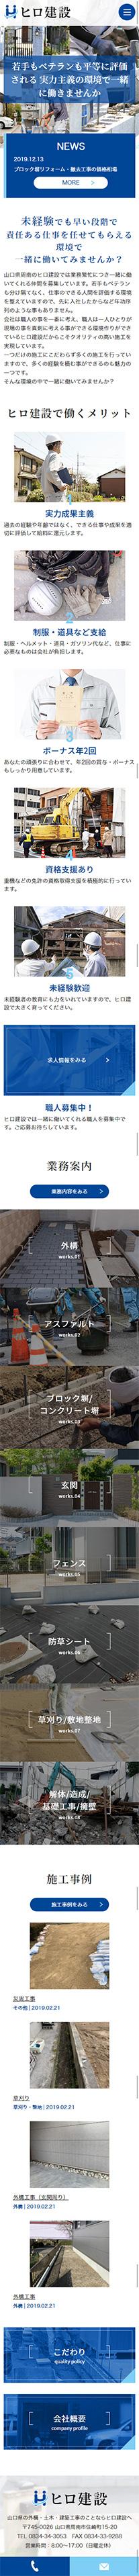 ヒロ建設スマホTOP画像